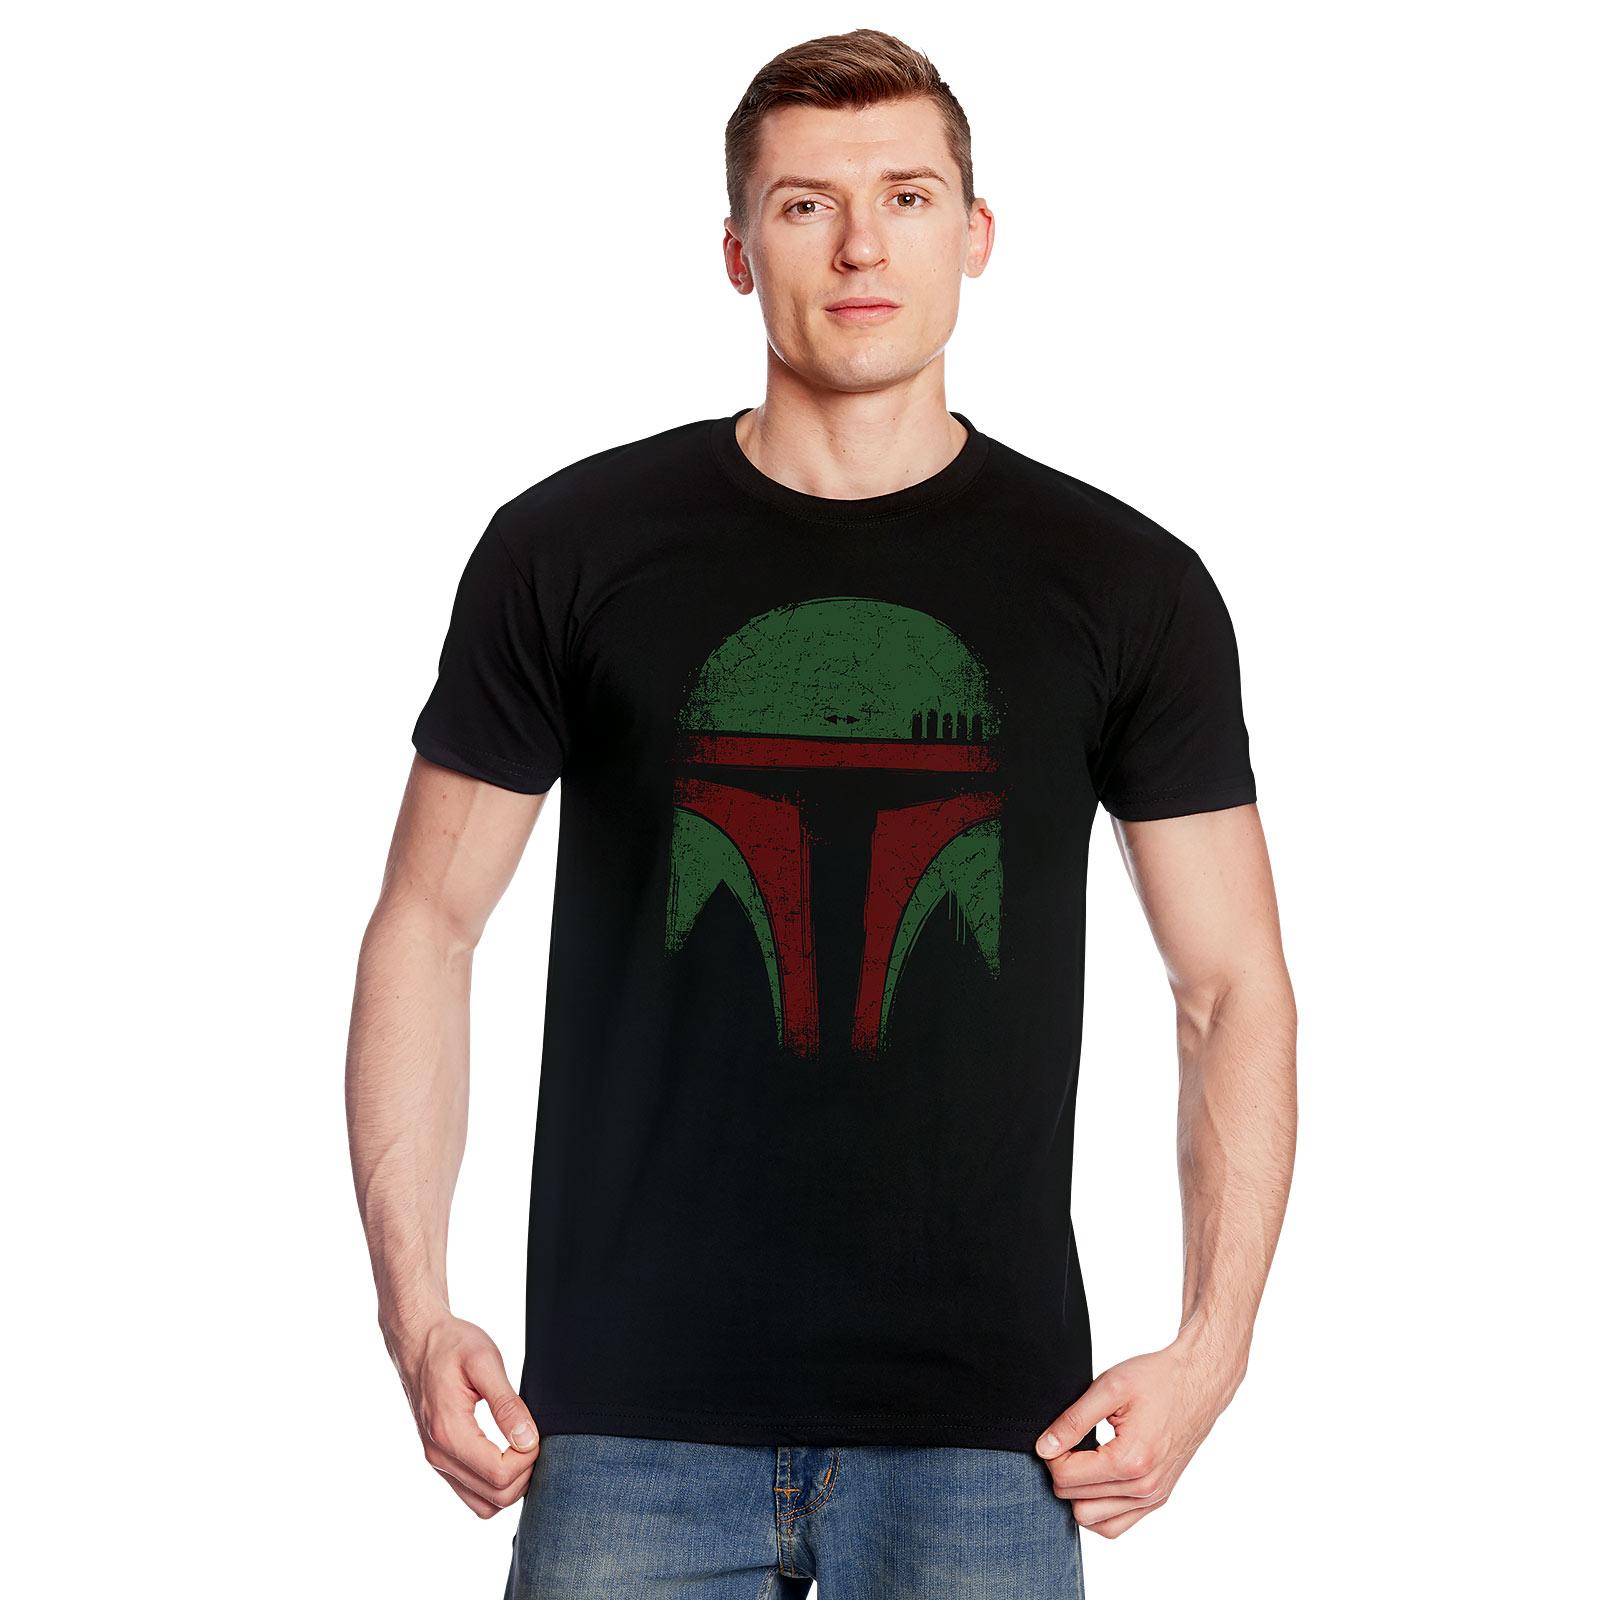 Boba Face T-Shirt für Star Wars Fans schwarz